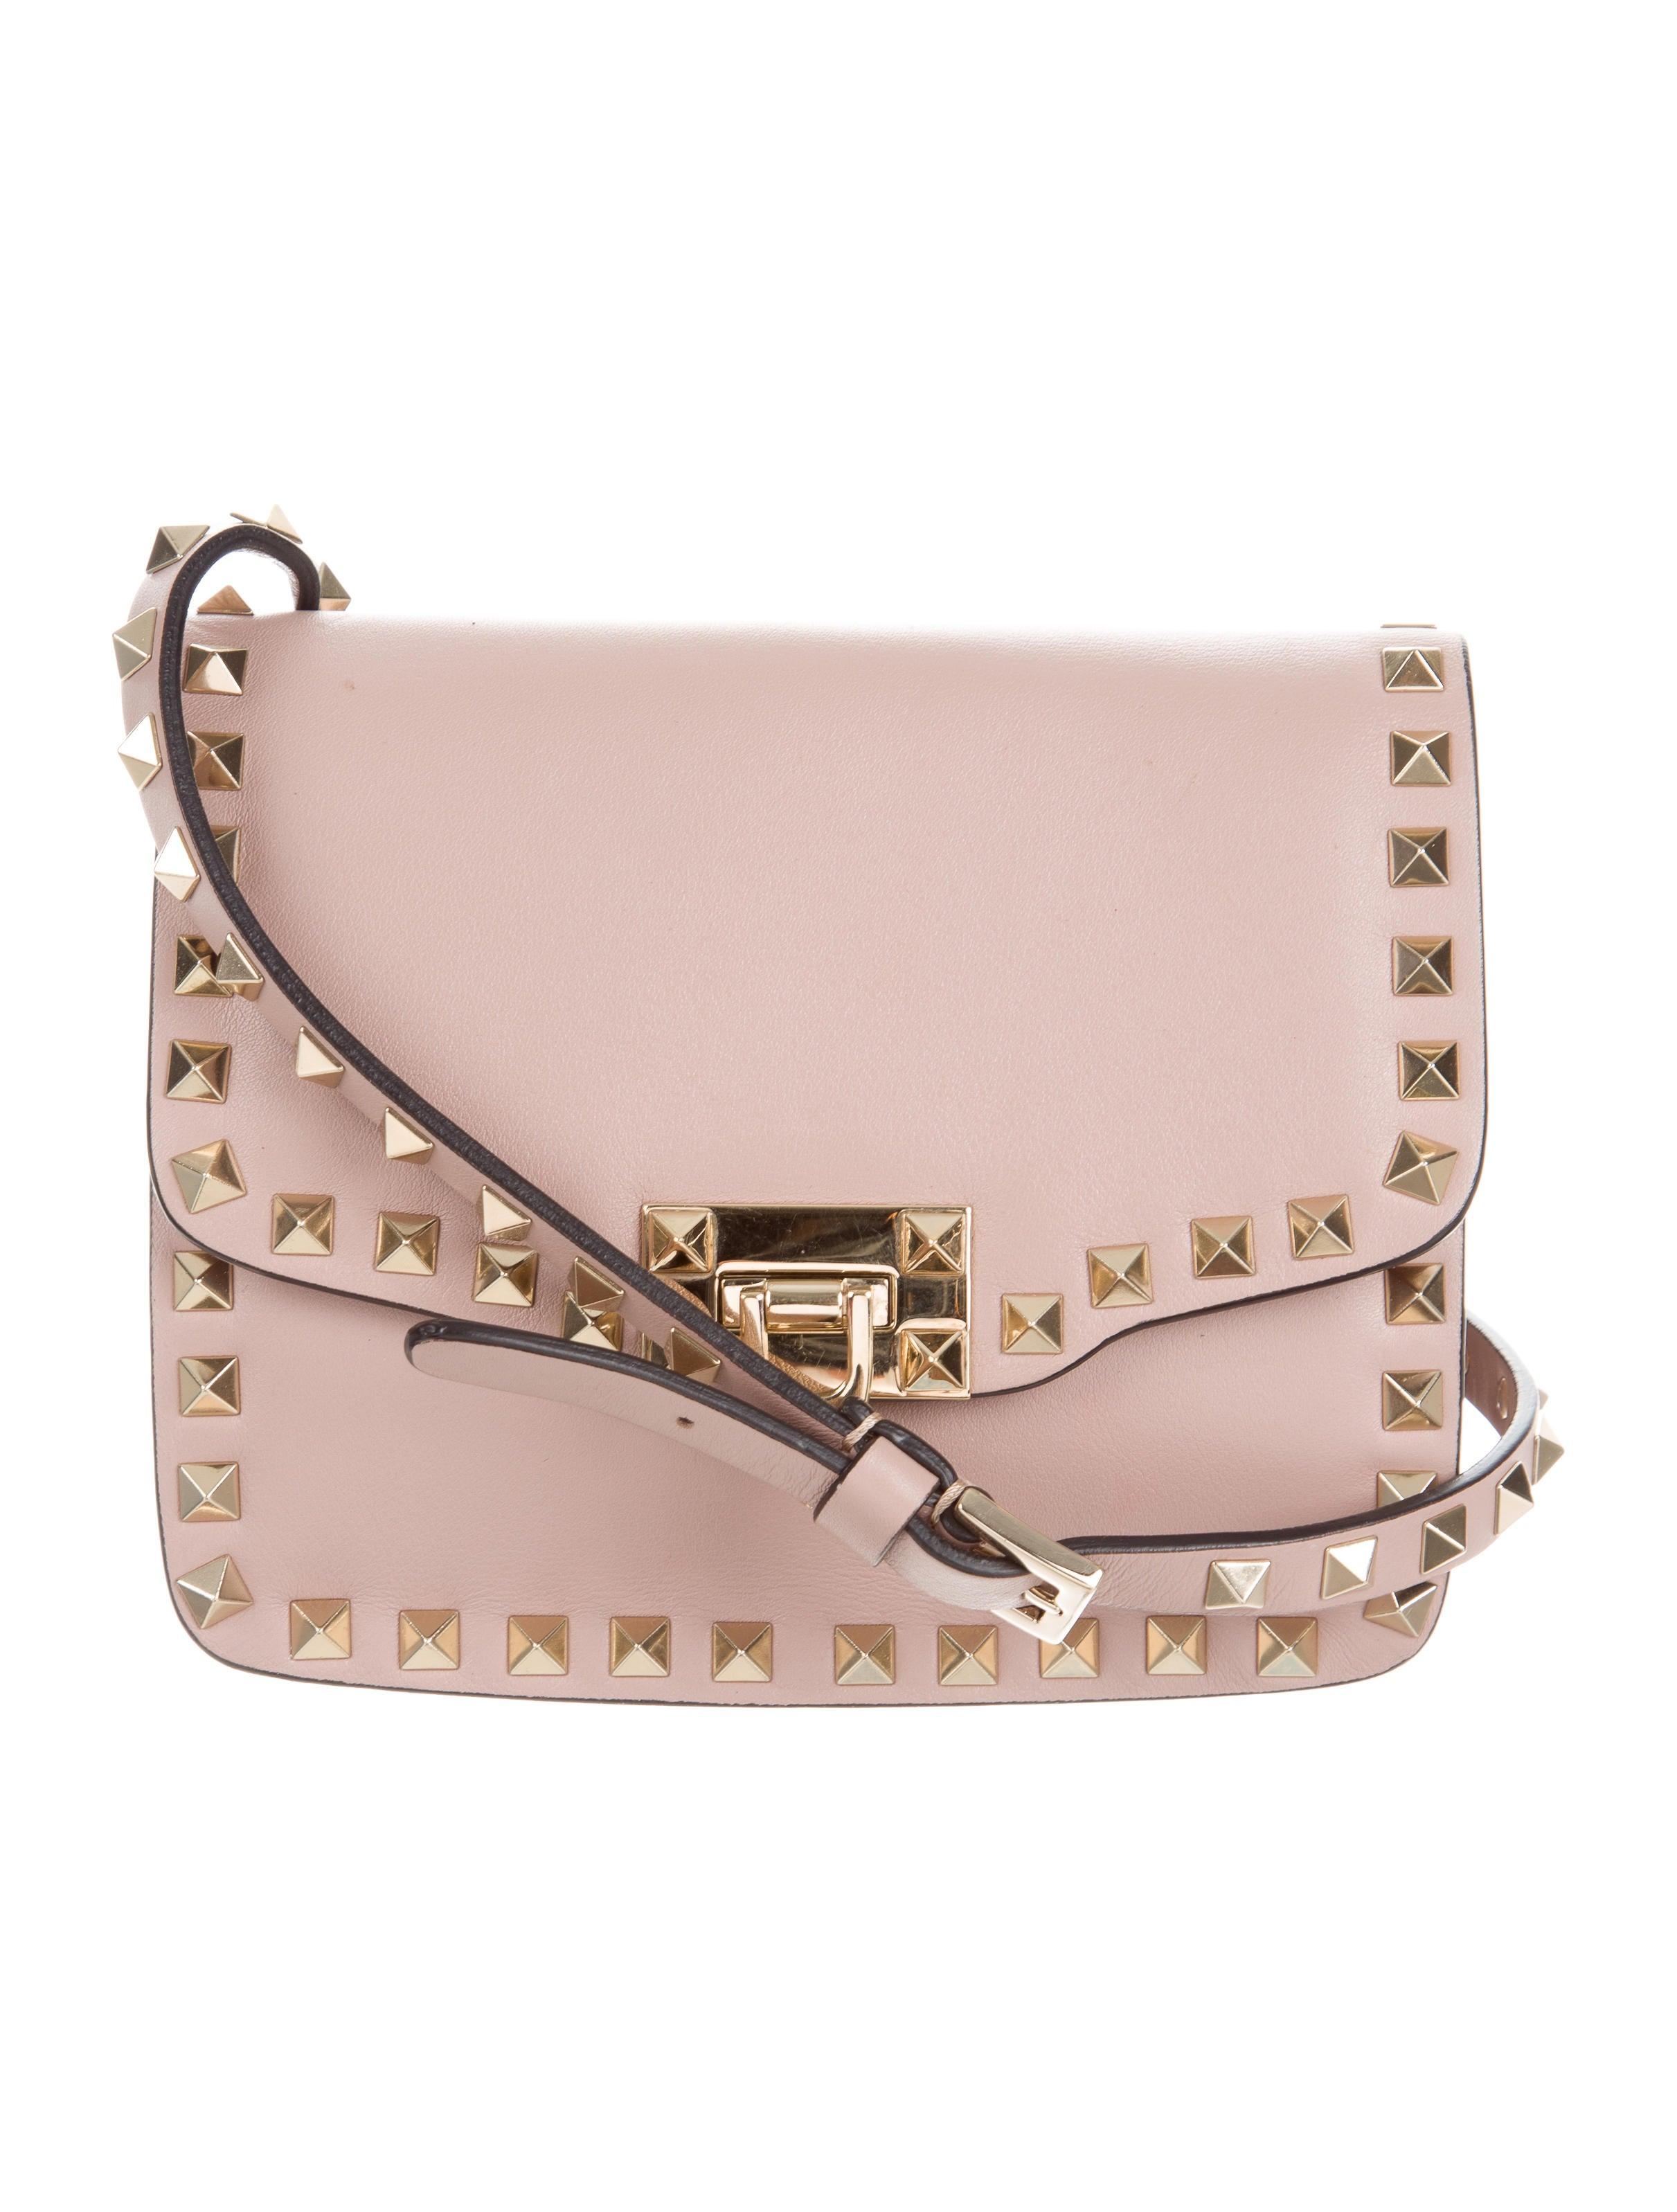 Valentino Rockstud Mini Crossbody Bag Handbags